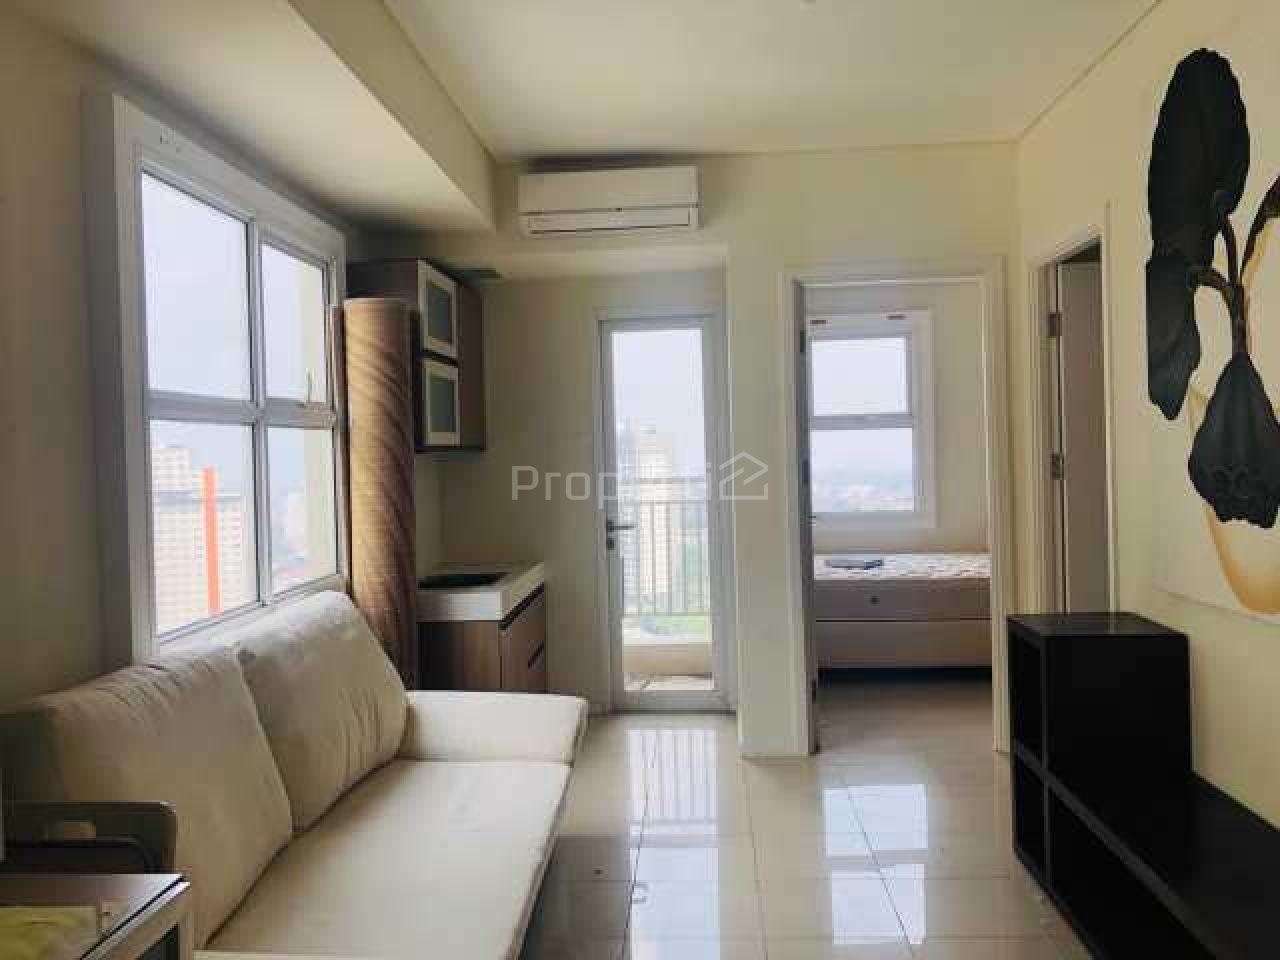 19th Floor 2 BR Corner Unit, Tower 2 Parahyangan Residences, Jawa Barat